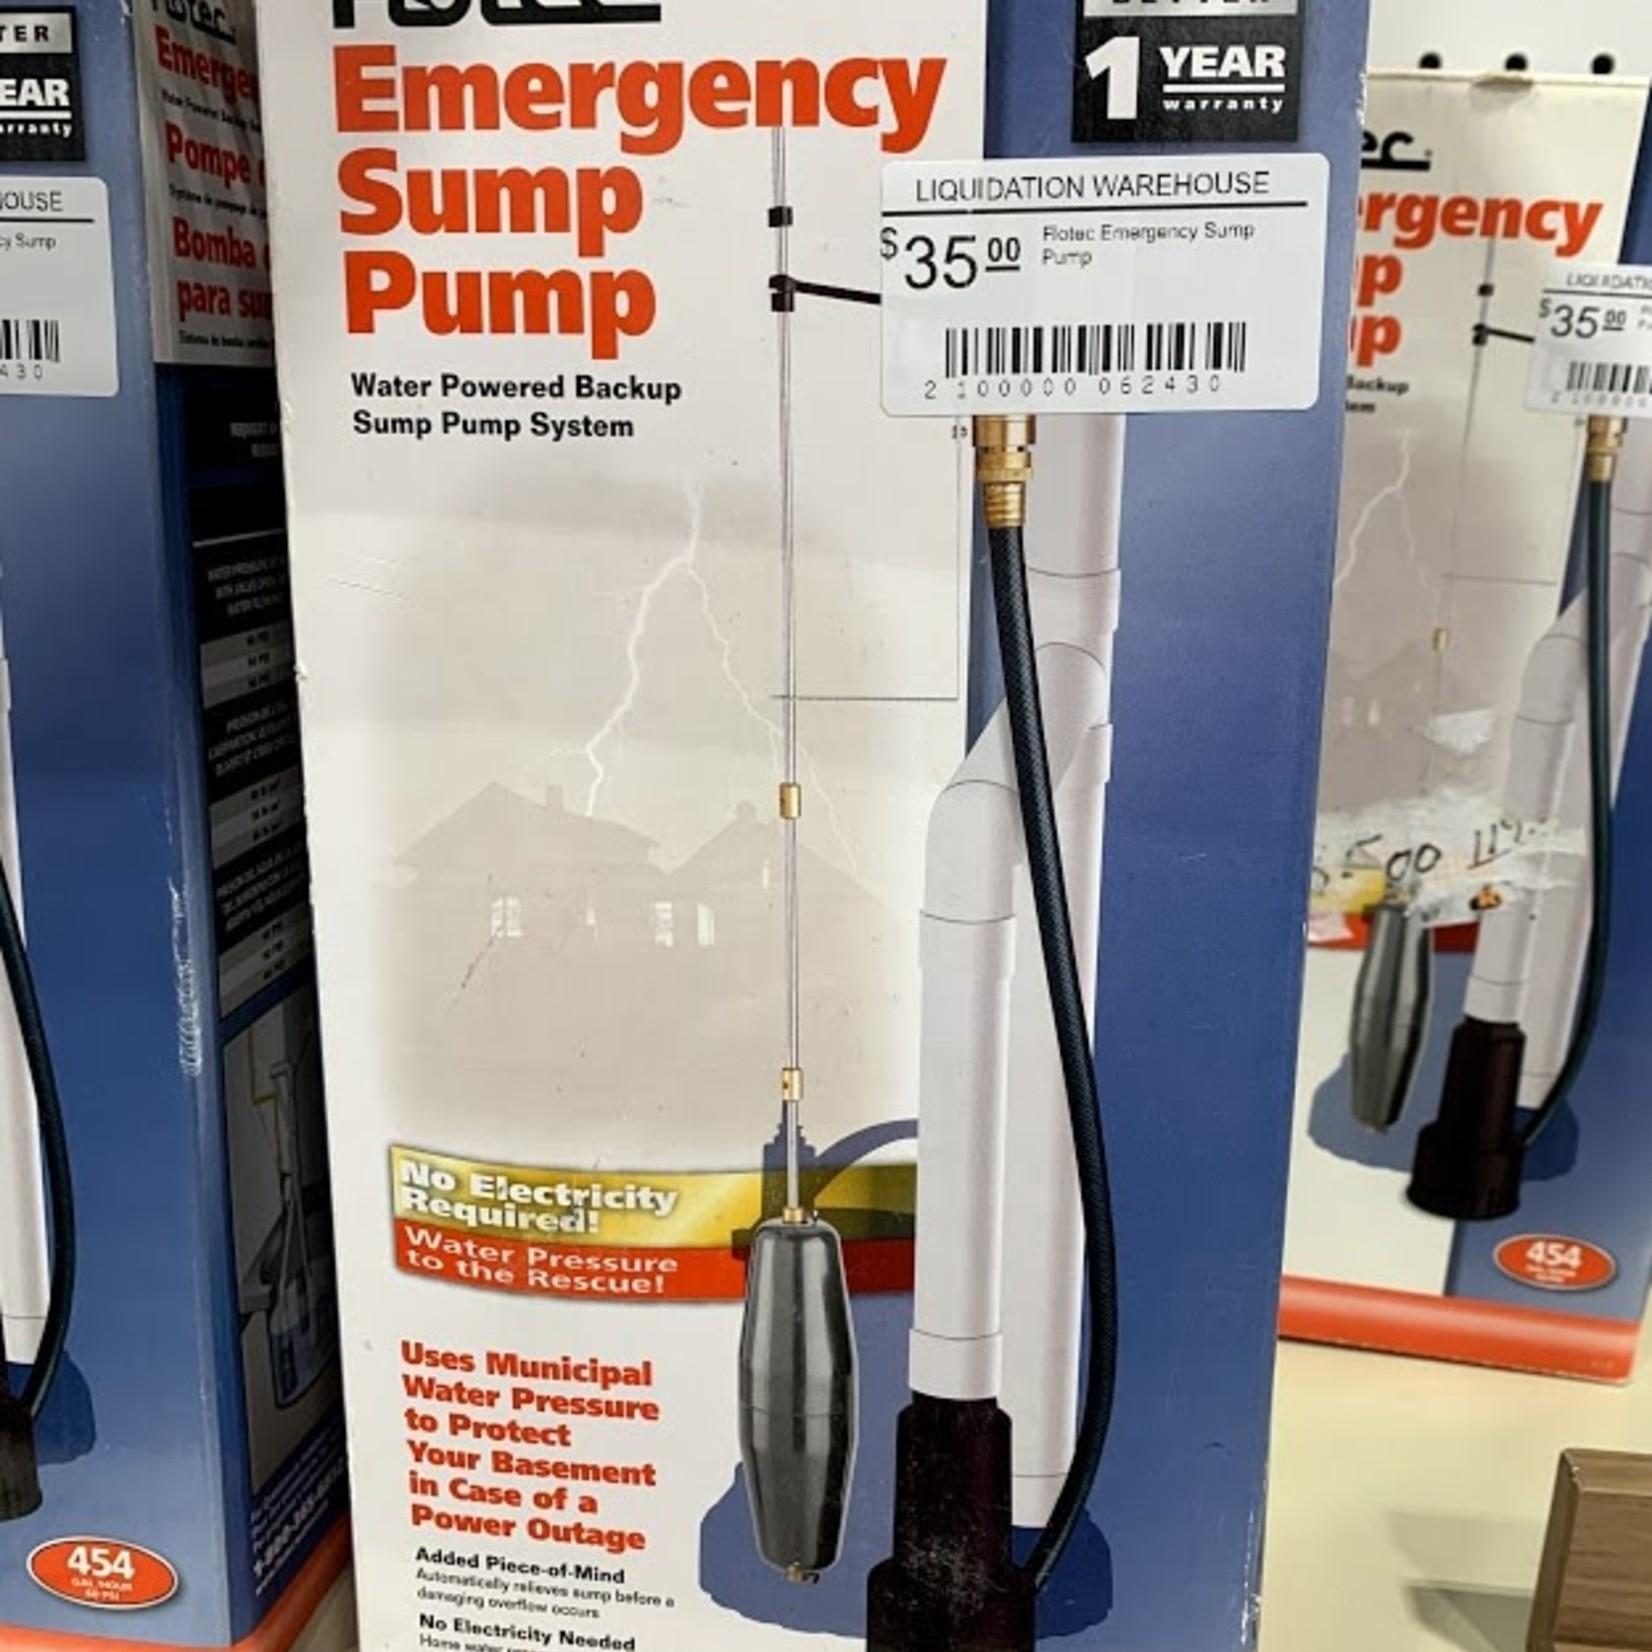 Flotec Emergency Sump Pump